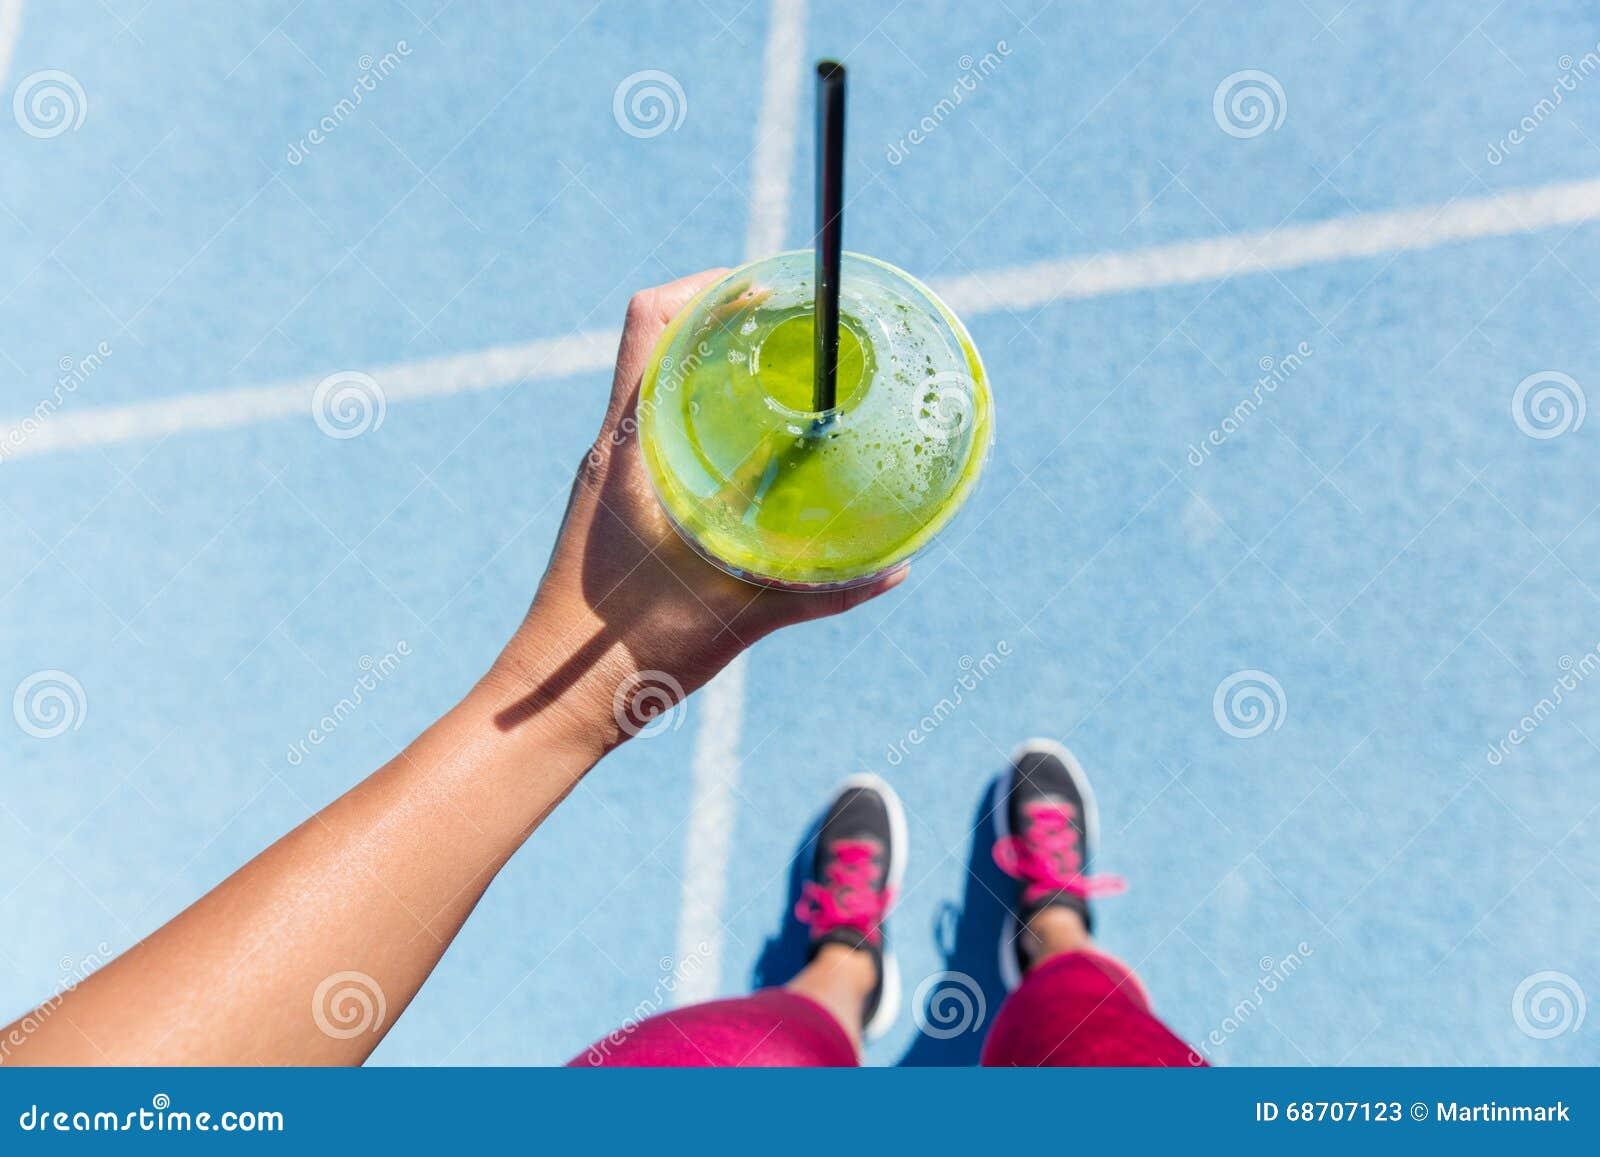 Agent die een groene smoothie op renbaan drinken